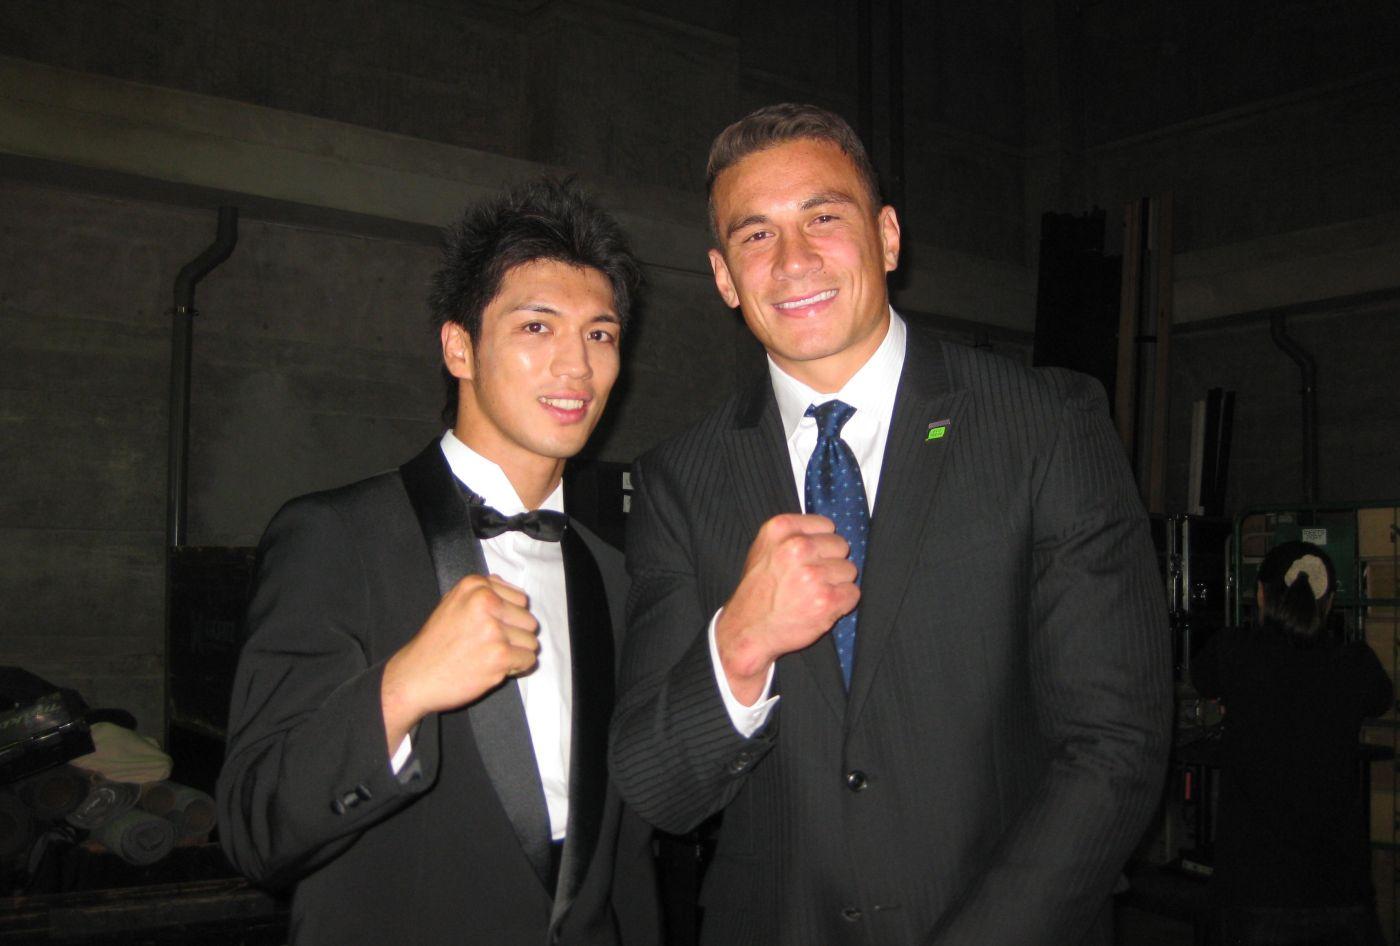 スカパー!の表彰式でロンドン五輪ボクシング金メダリスト村田諒太さんと一緒になったSBW(撮影BBM)